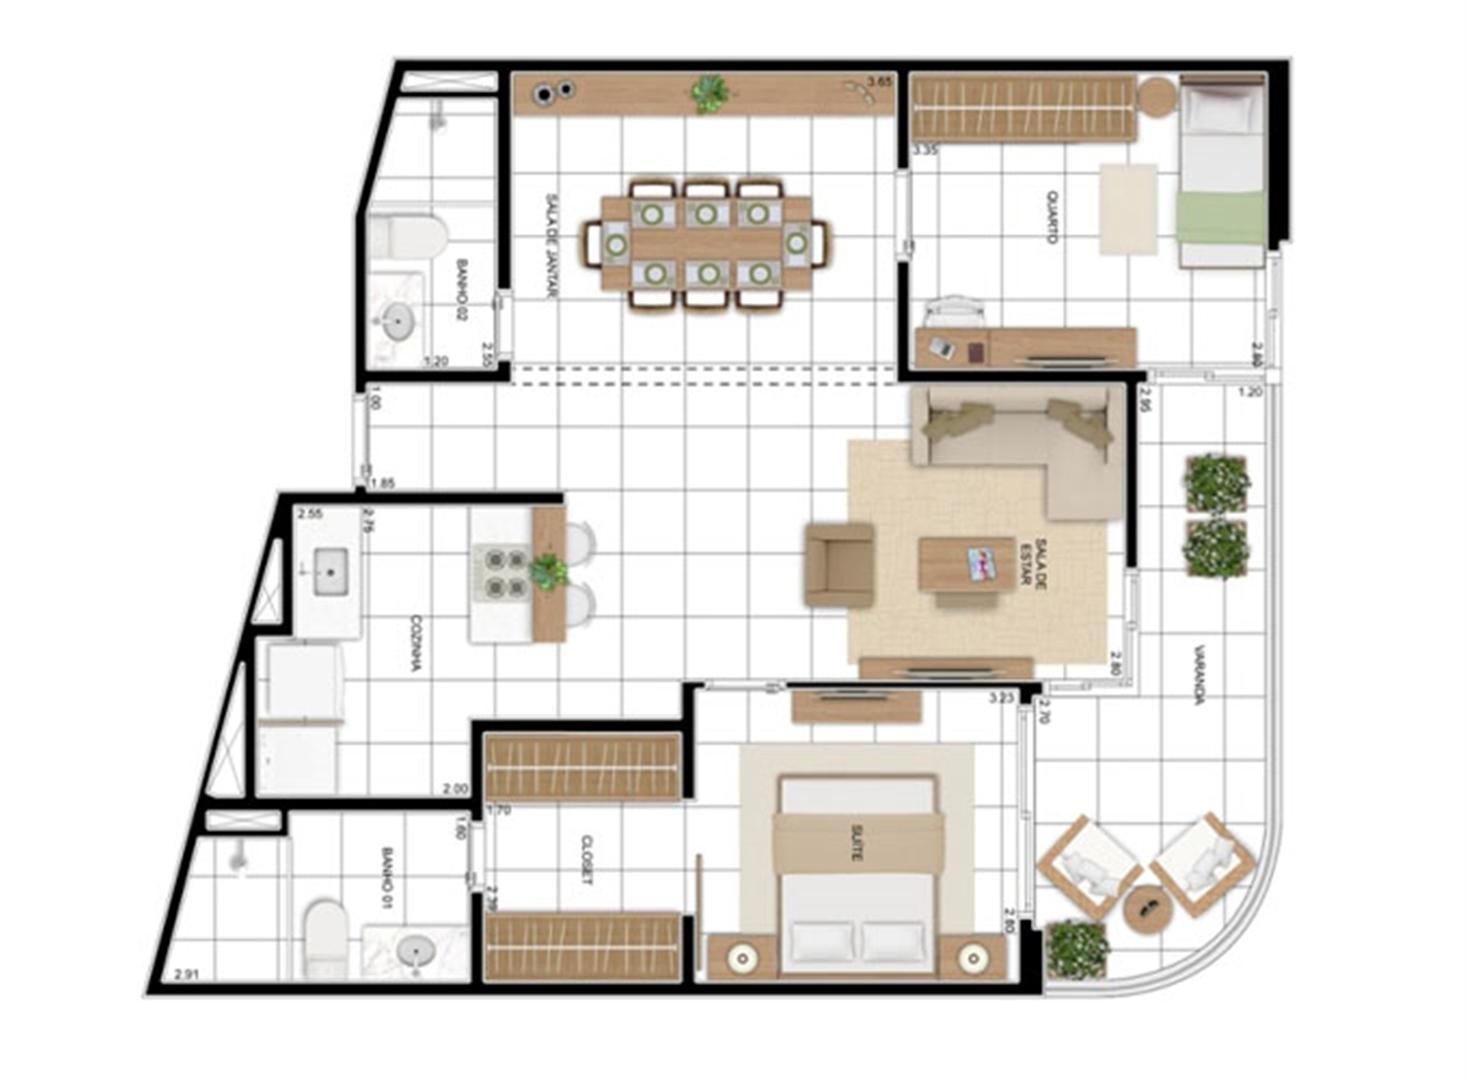 PLANTA - APTO TIPO A - 82 m² - OPÇÃO 02 DORMS COM SUÍTE (02)  | In Mare Bali – Apartamento no  Distrito Litoral de Cotovelo - Parnamirim - Rio Grande do Norte